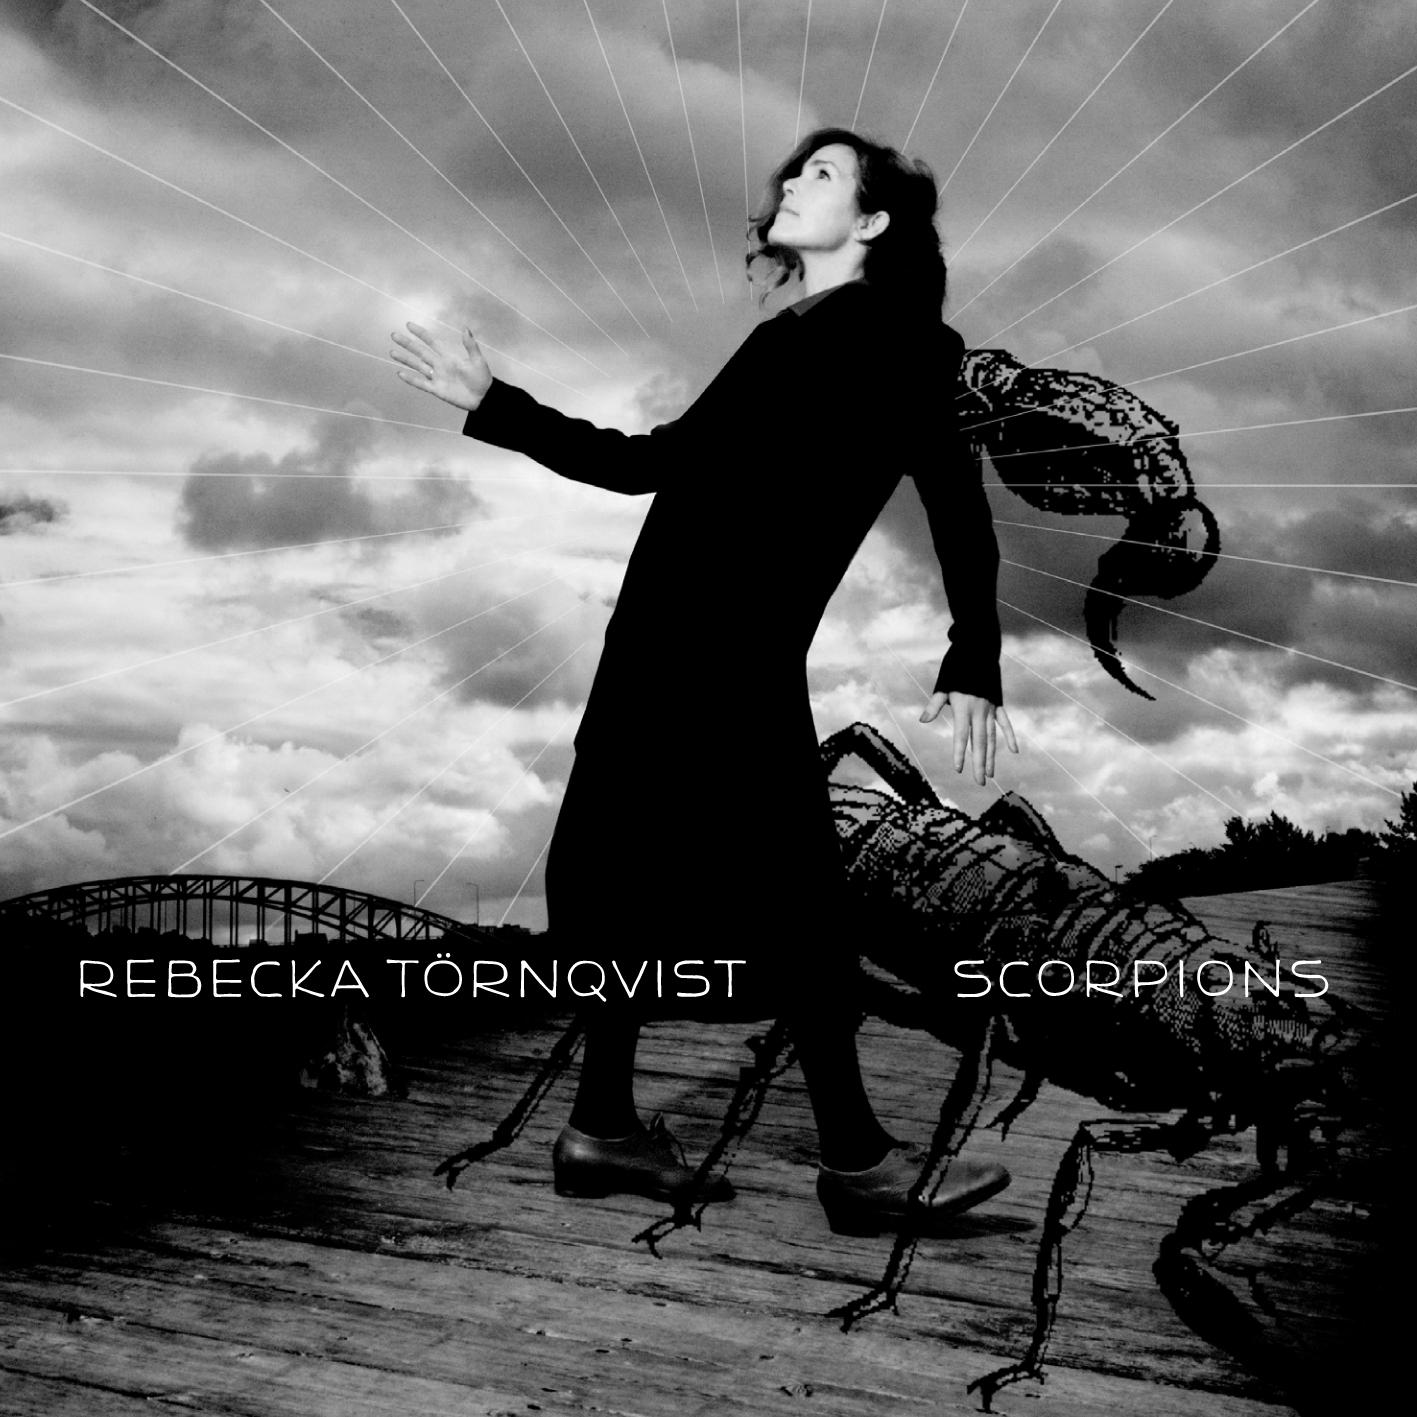 Scorpions New Album